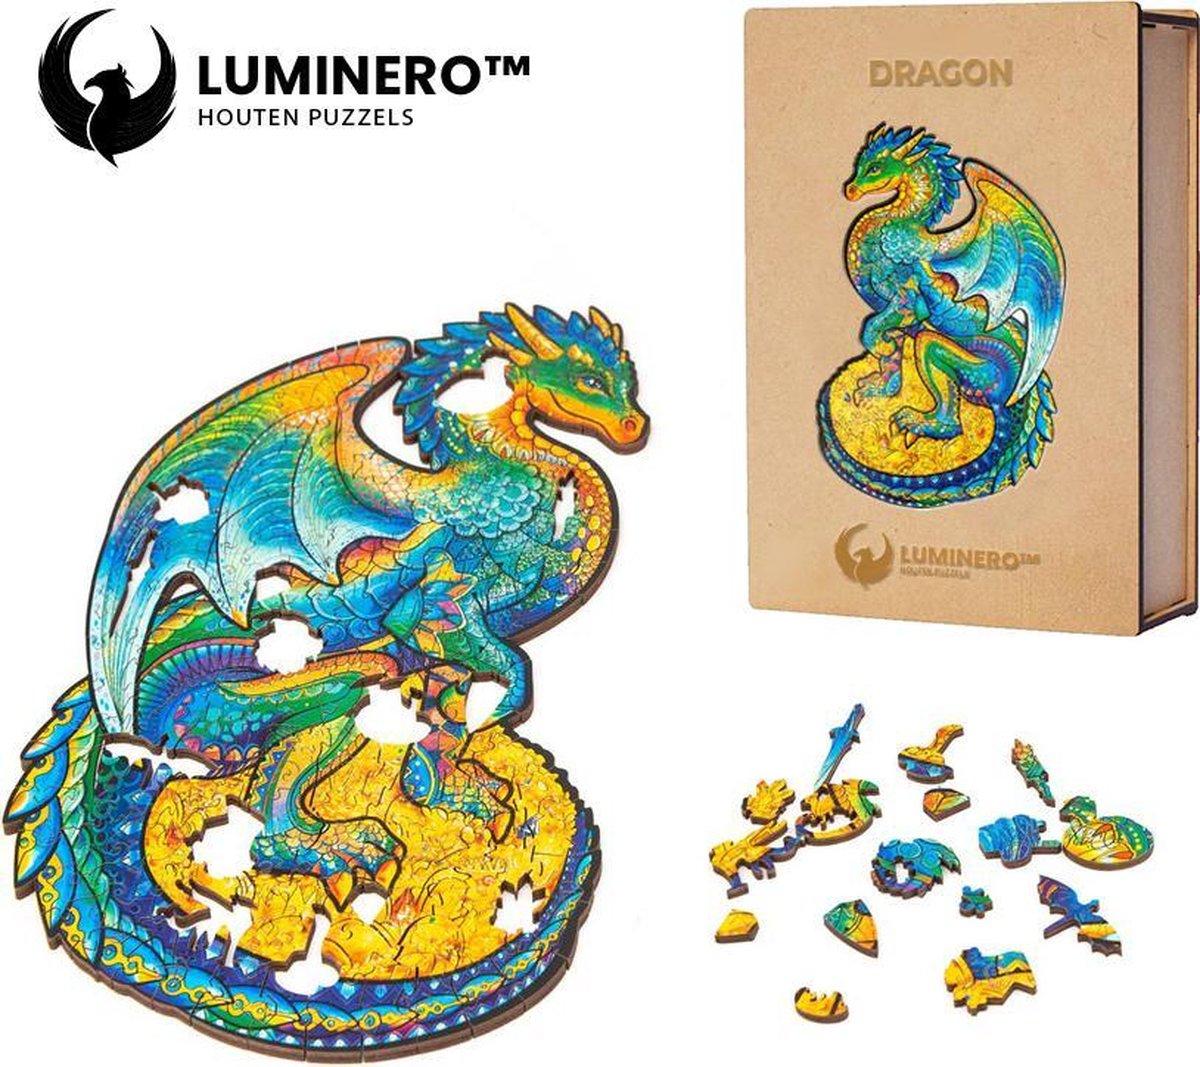 Luminero™ Houten Draak Jigsaw Puzzel - A3 Formaat Jigsaw - Unieke 3D Puzzels - Huisdecoratie - Wooden Puzzle - Volwassenen & Kinderen - Incl. Houten Doos